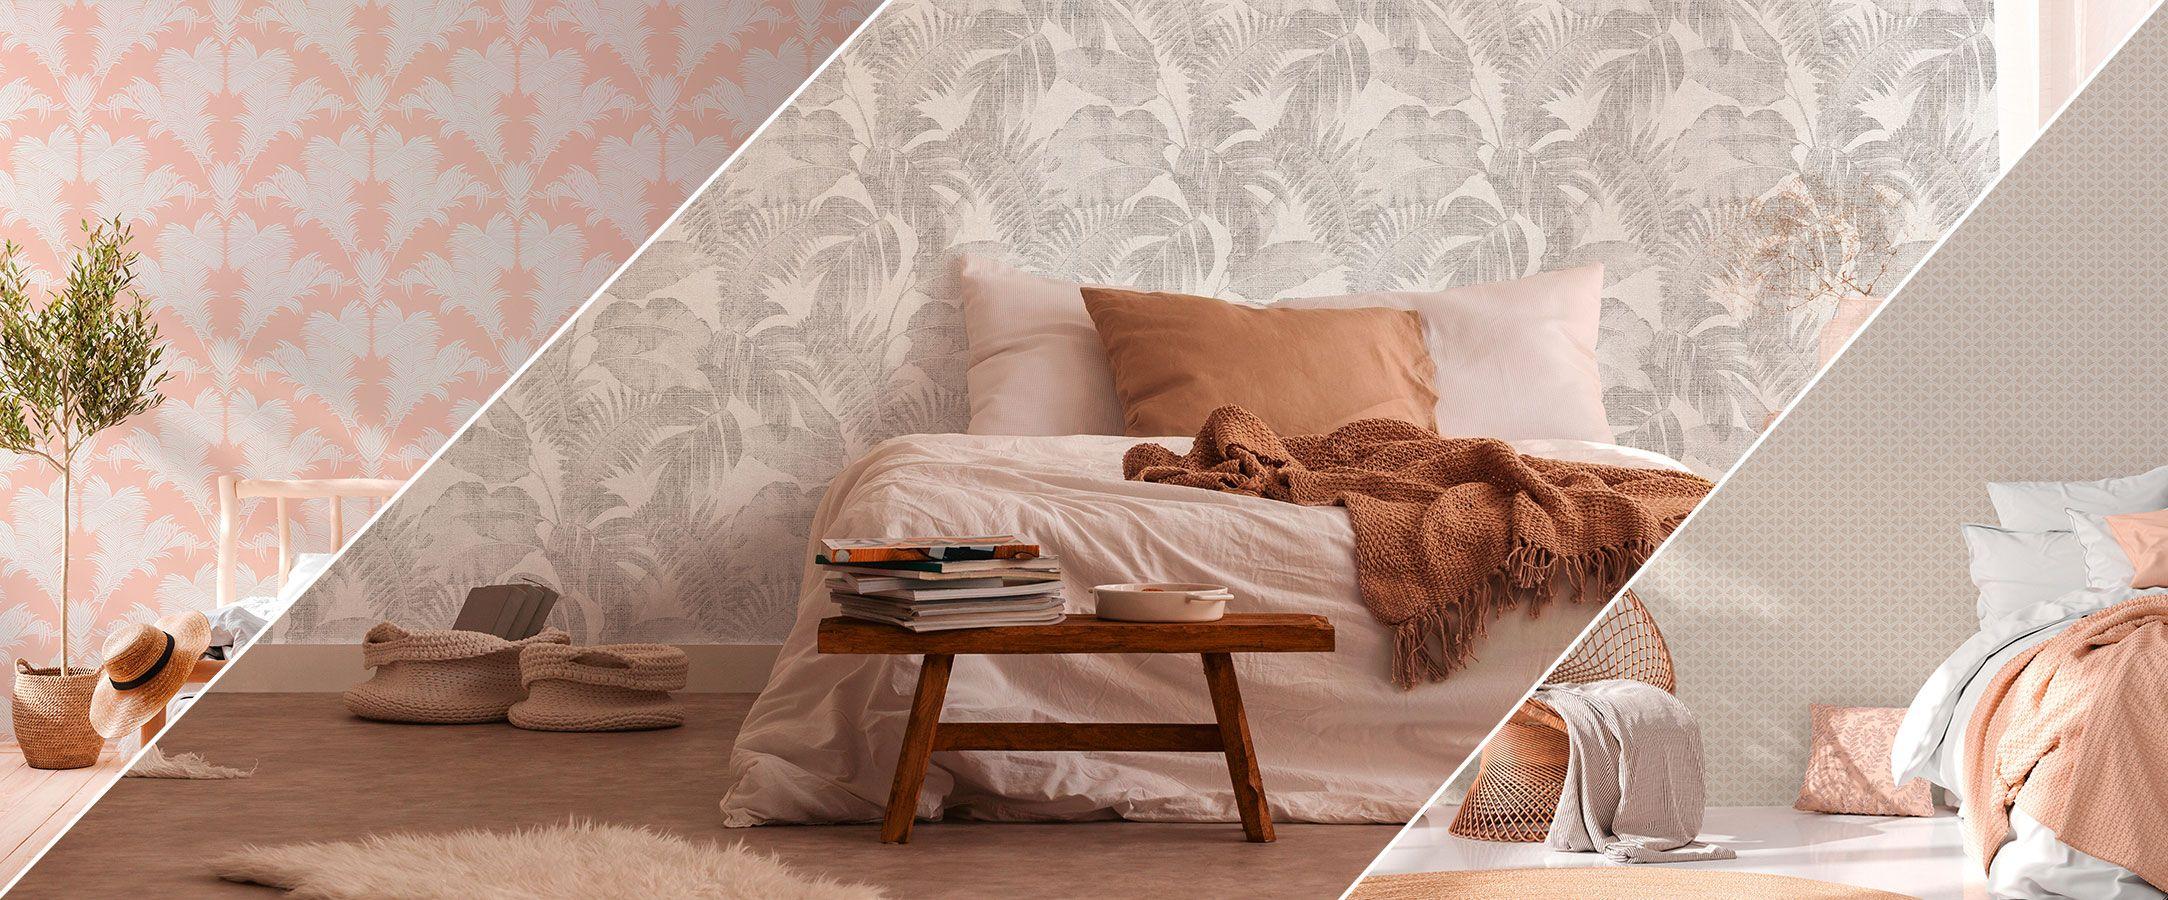 Trendige Schlafzimmer Tapeten in Beige und Rosa